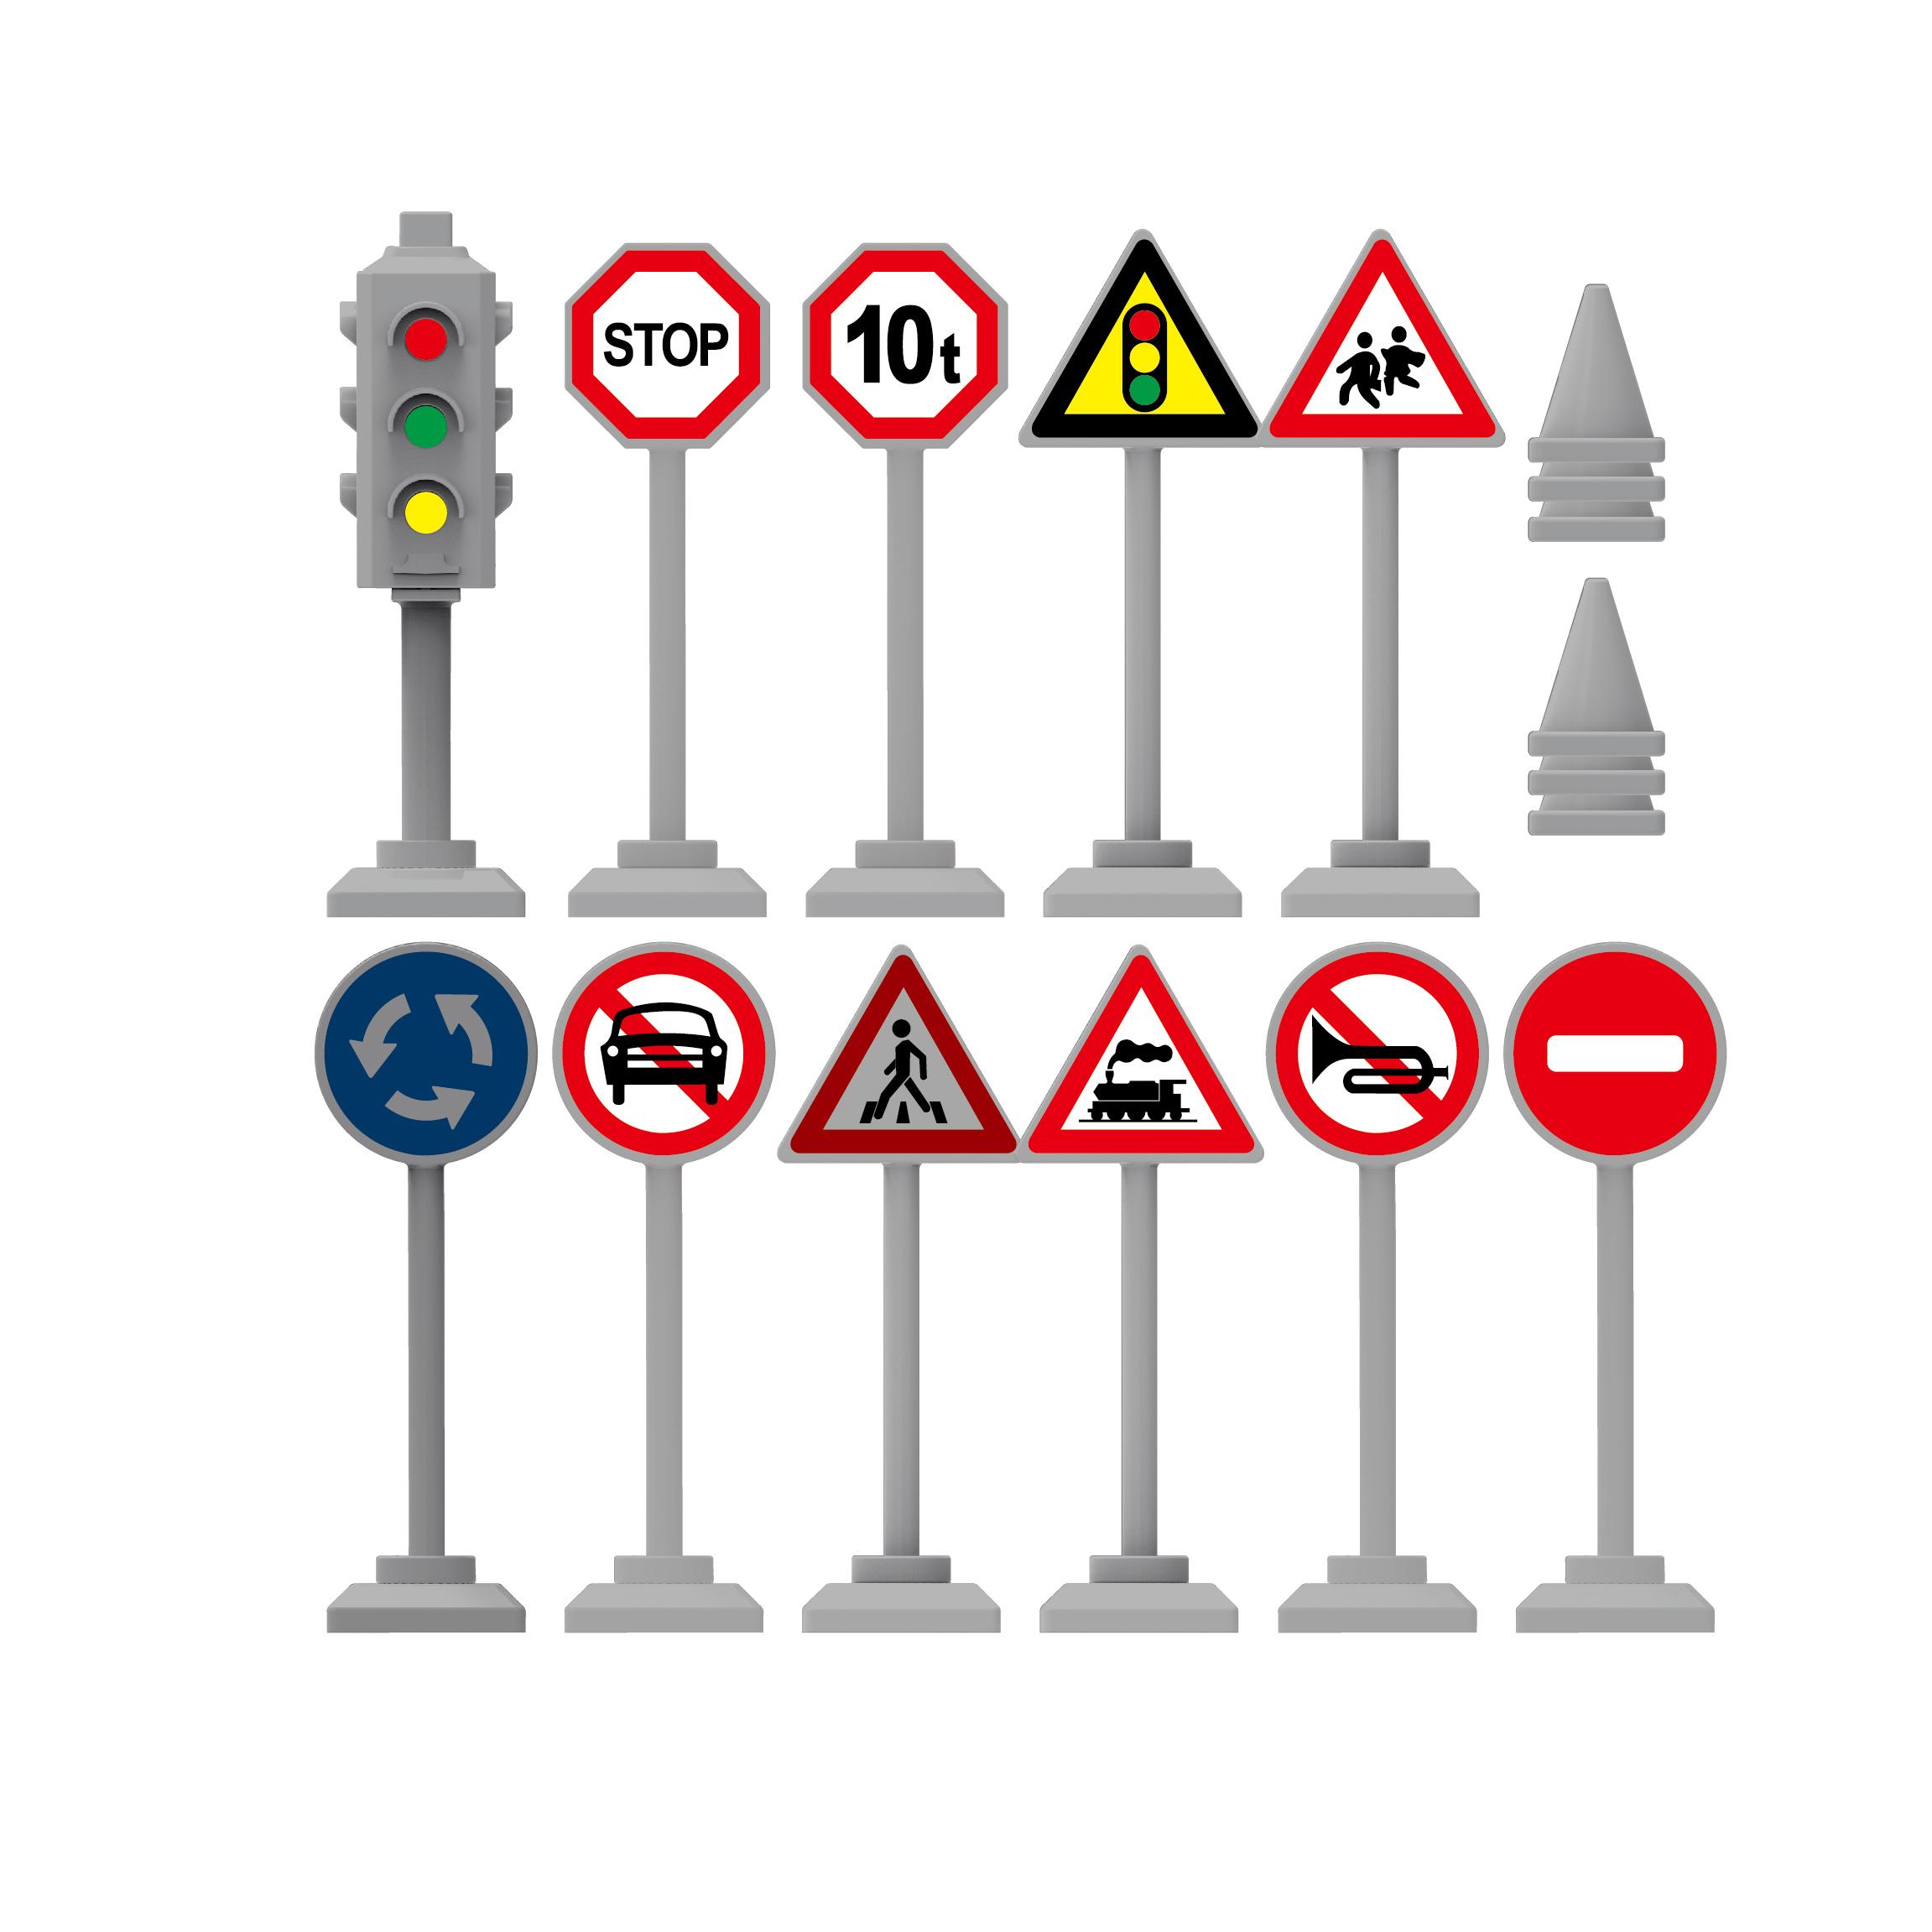 Značky a semafor na blistru